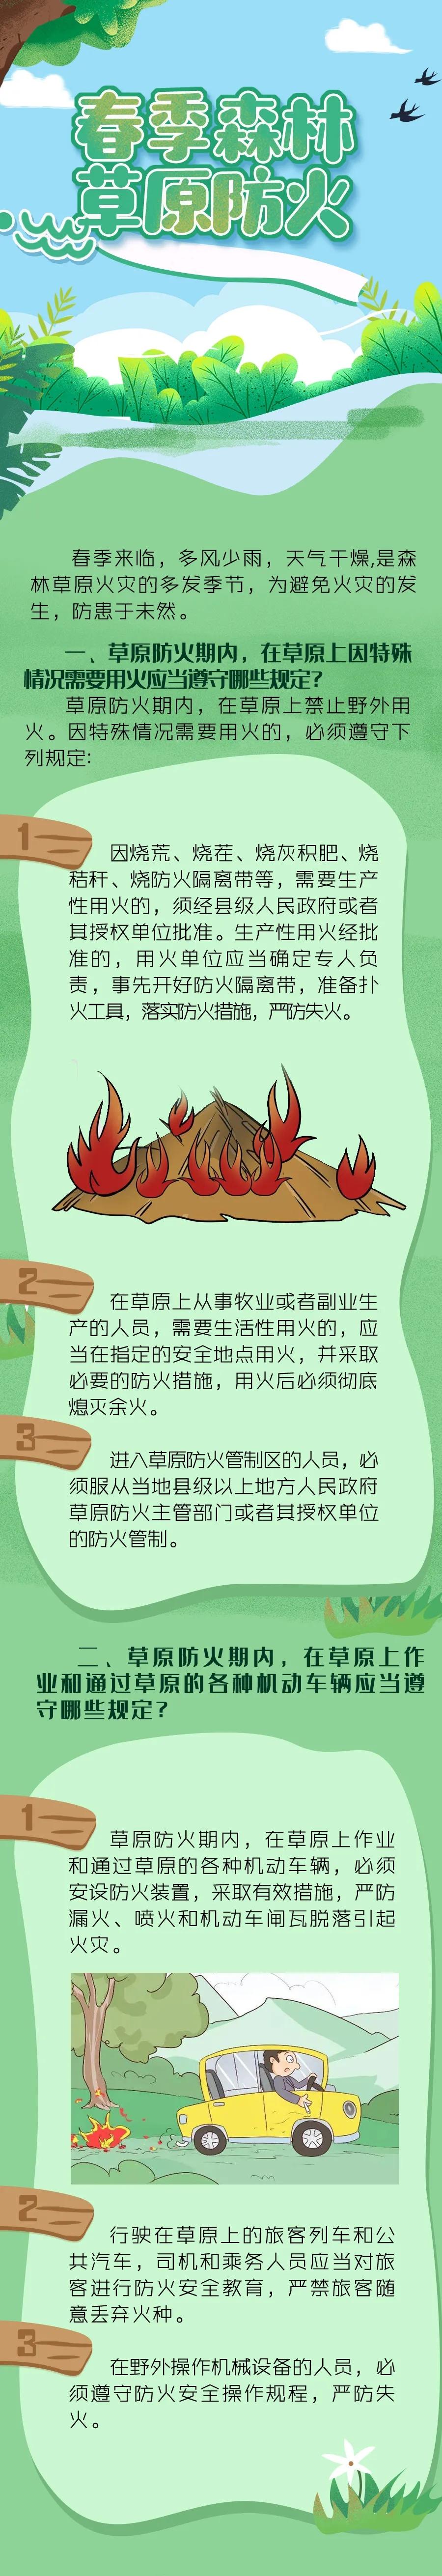 划重点!带你一图看懂春季森林防火